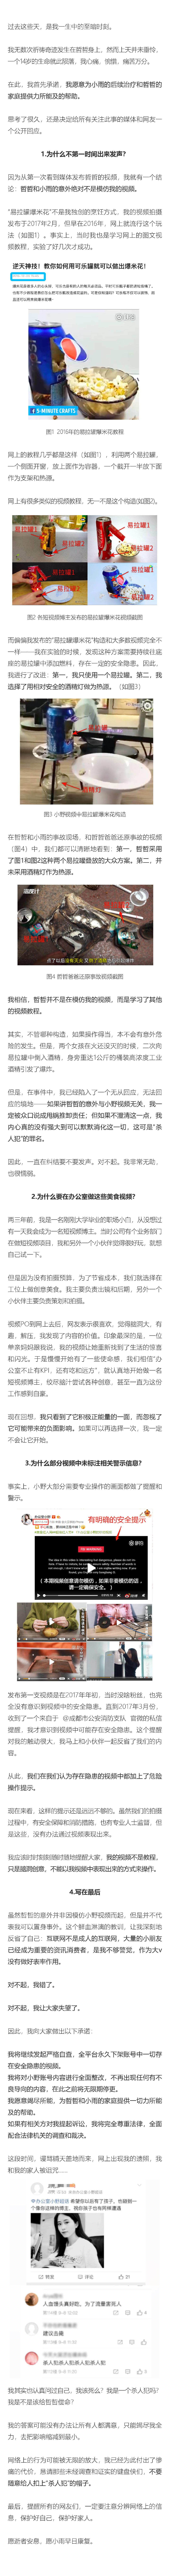 ▲辦公室小野道歉「無限期停更」:我錯了。(圖/翻攝自微博/辦公室小野)